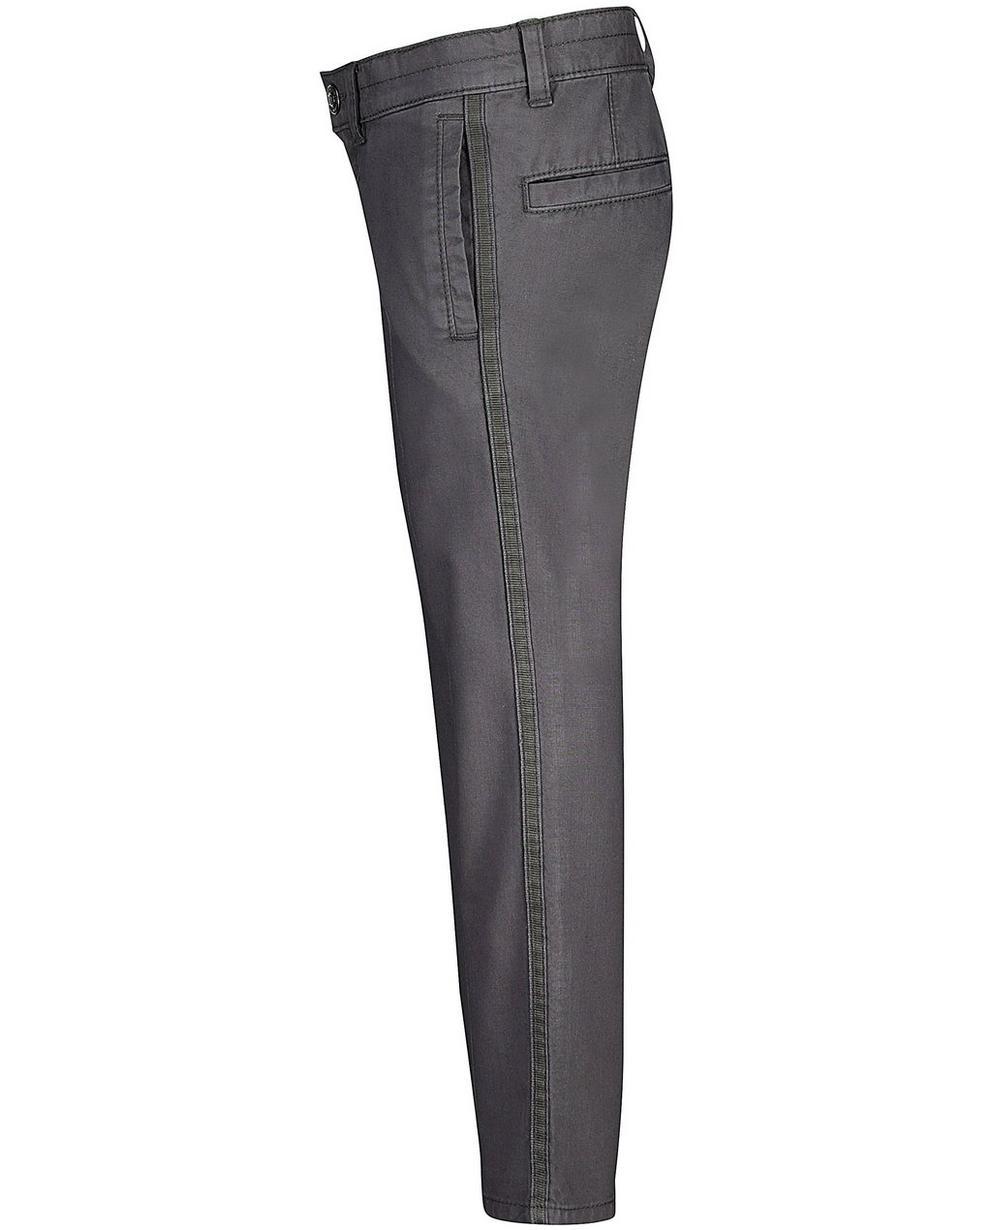 Hosen - Dunkelgrau - Hose mit Streifen